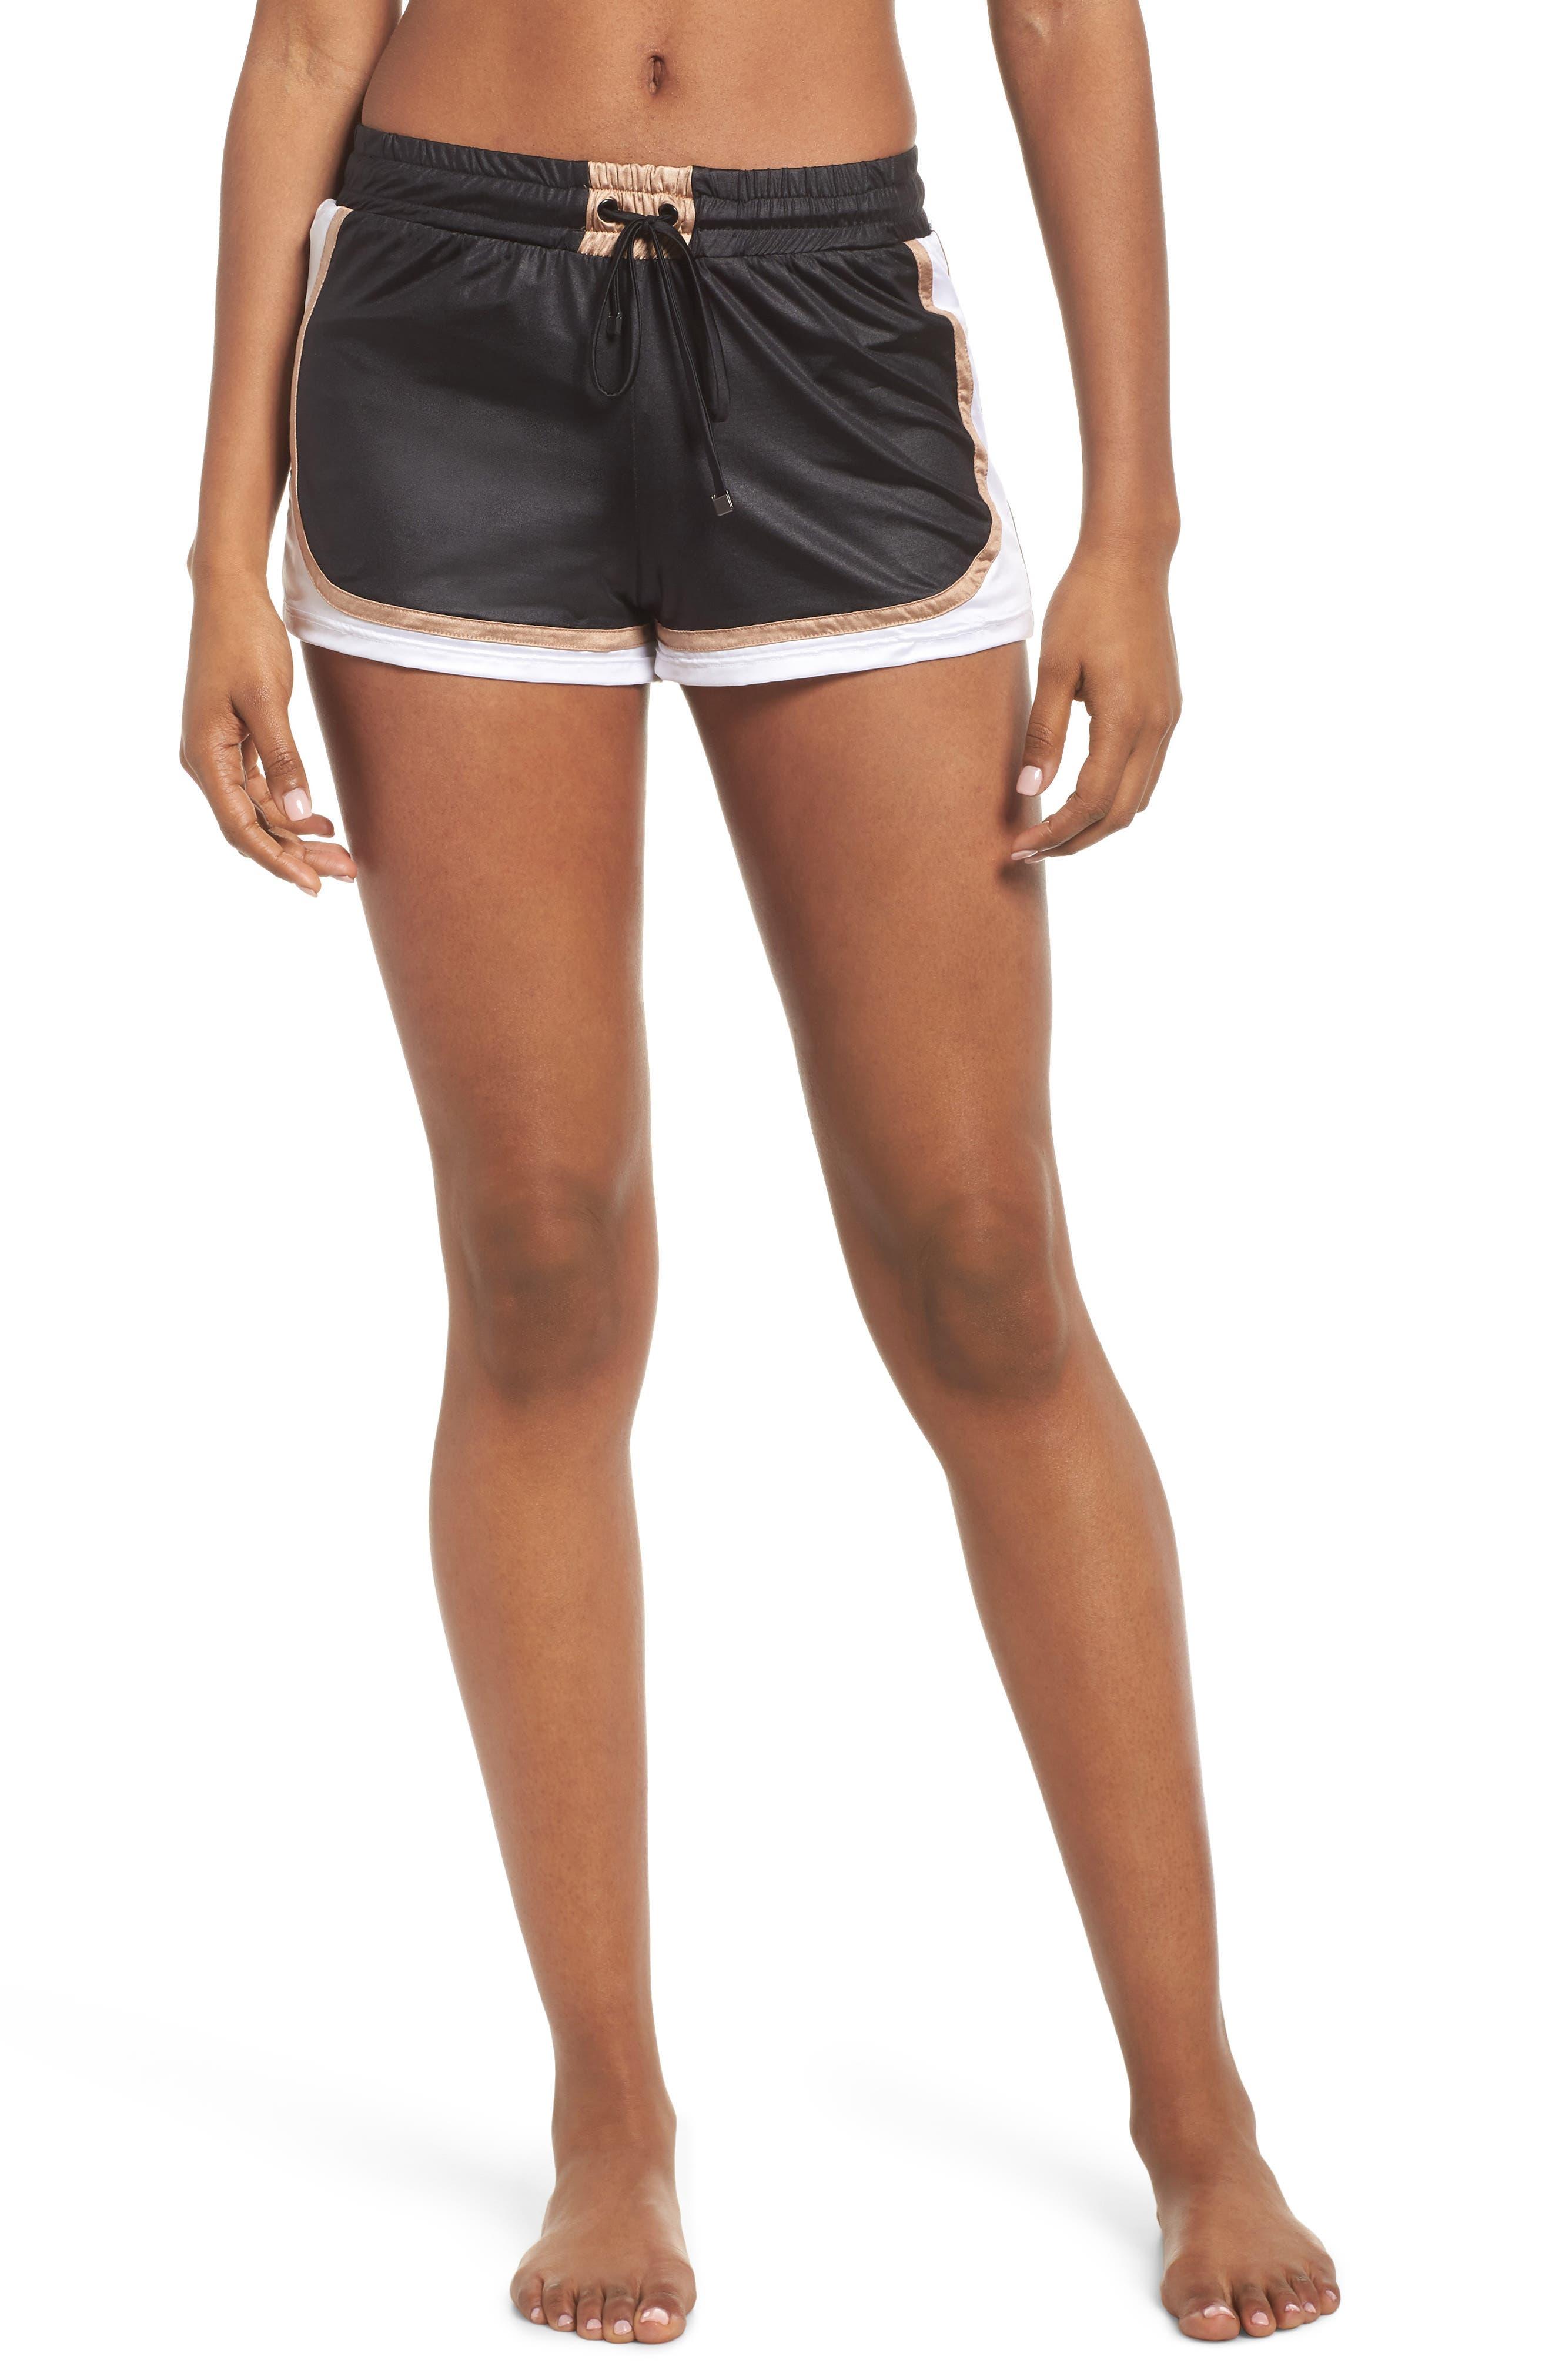 Blackout Shorts,                             Main thumbnail 1, color,                             BLACK/ NUDE/ WHITE